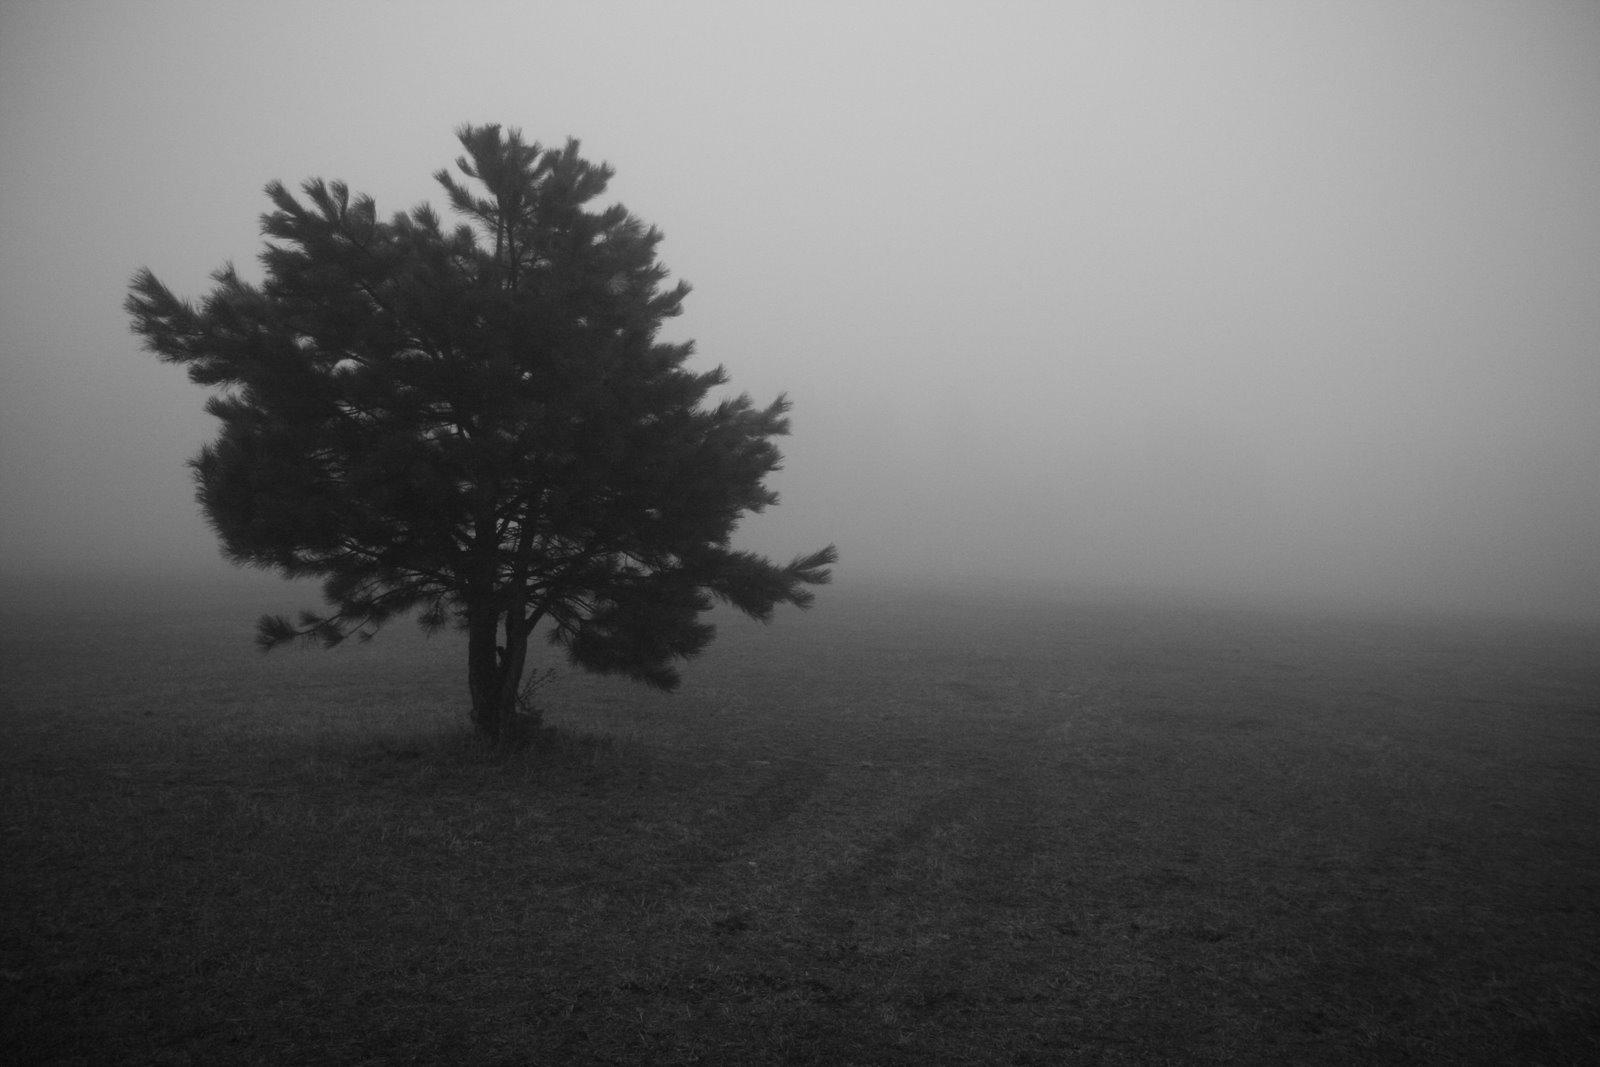 [fog_in_evergreen.jpg]